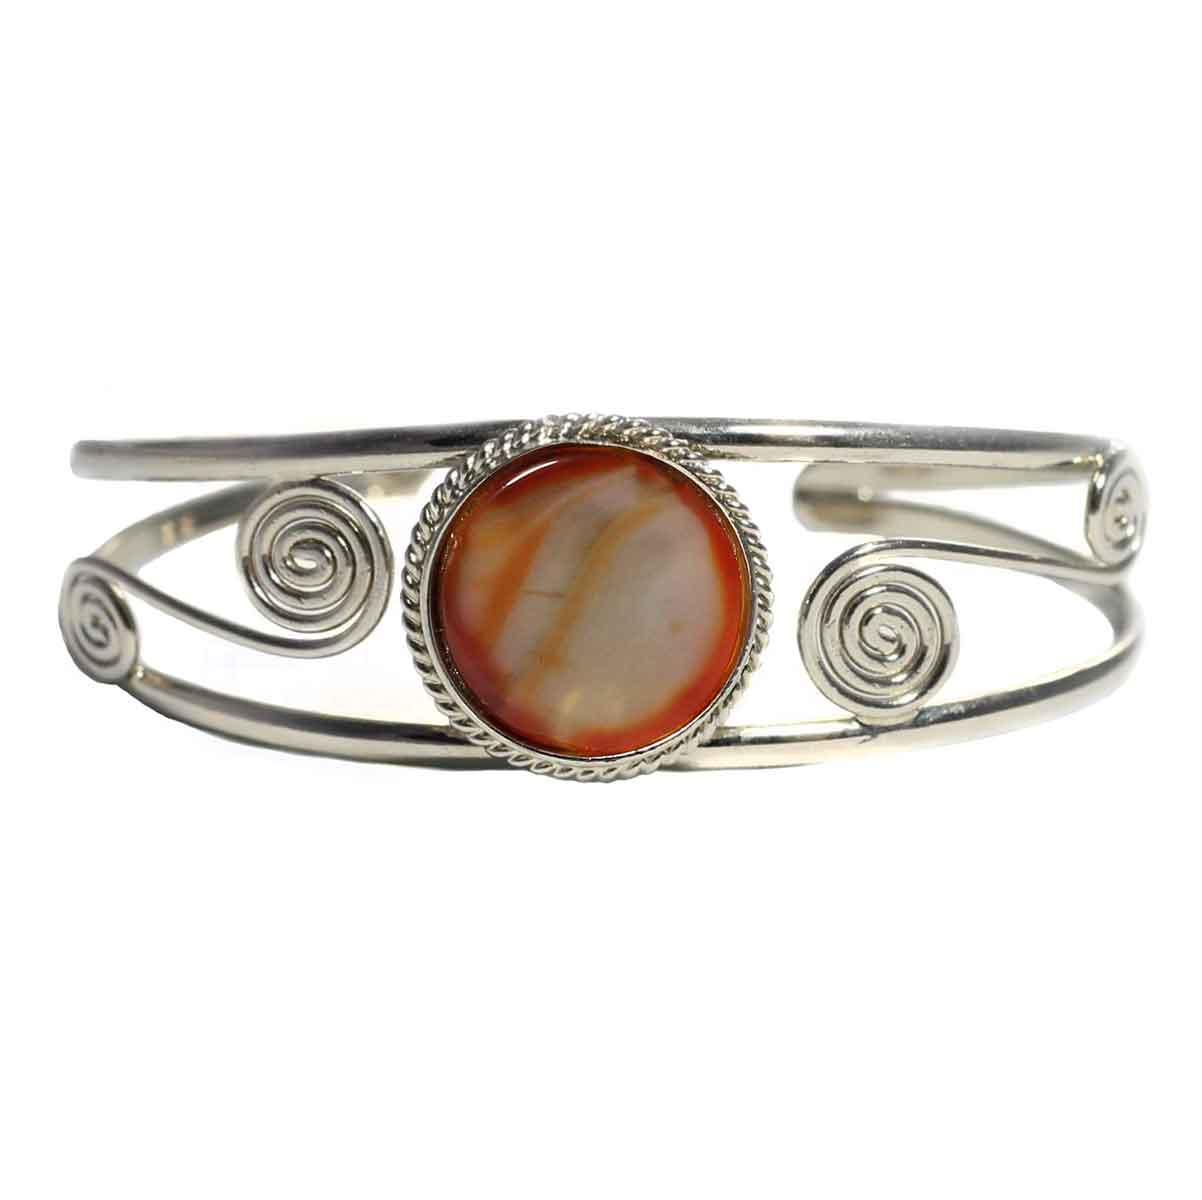 Inka-Products-Bracelet en Métal Argenté QILLA-Pierre Semi-précieuse Agate Marron Orangé Strié